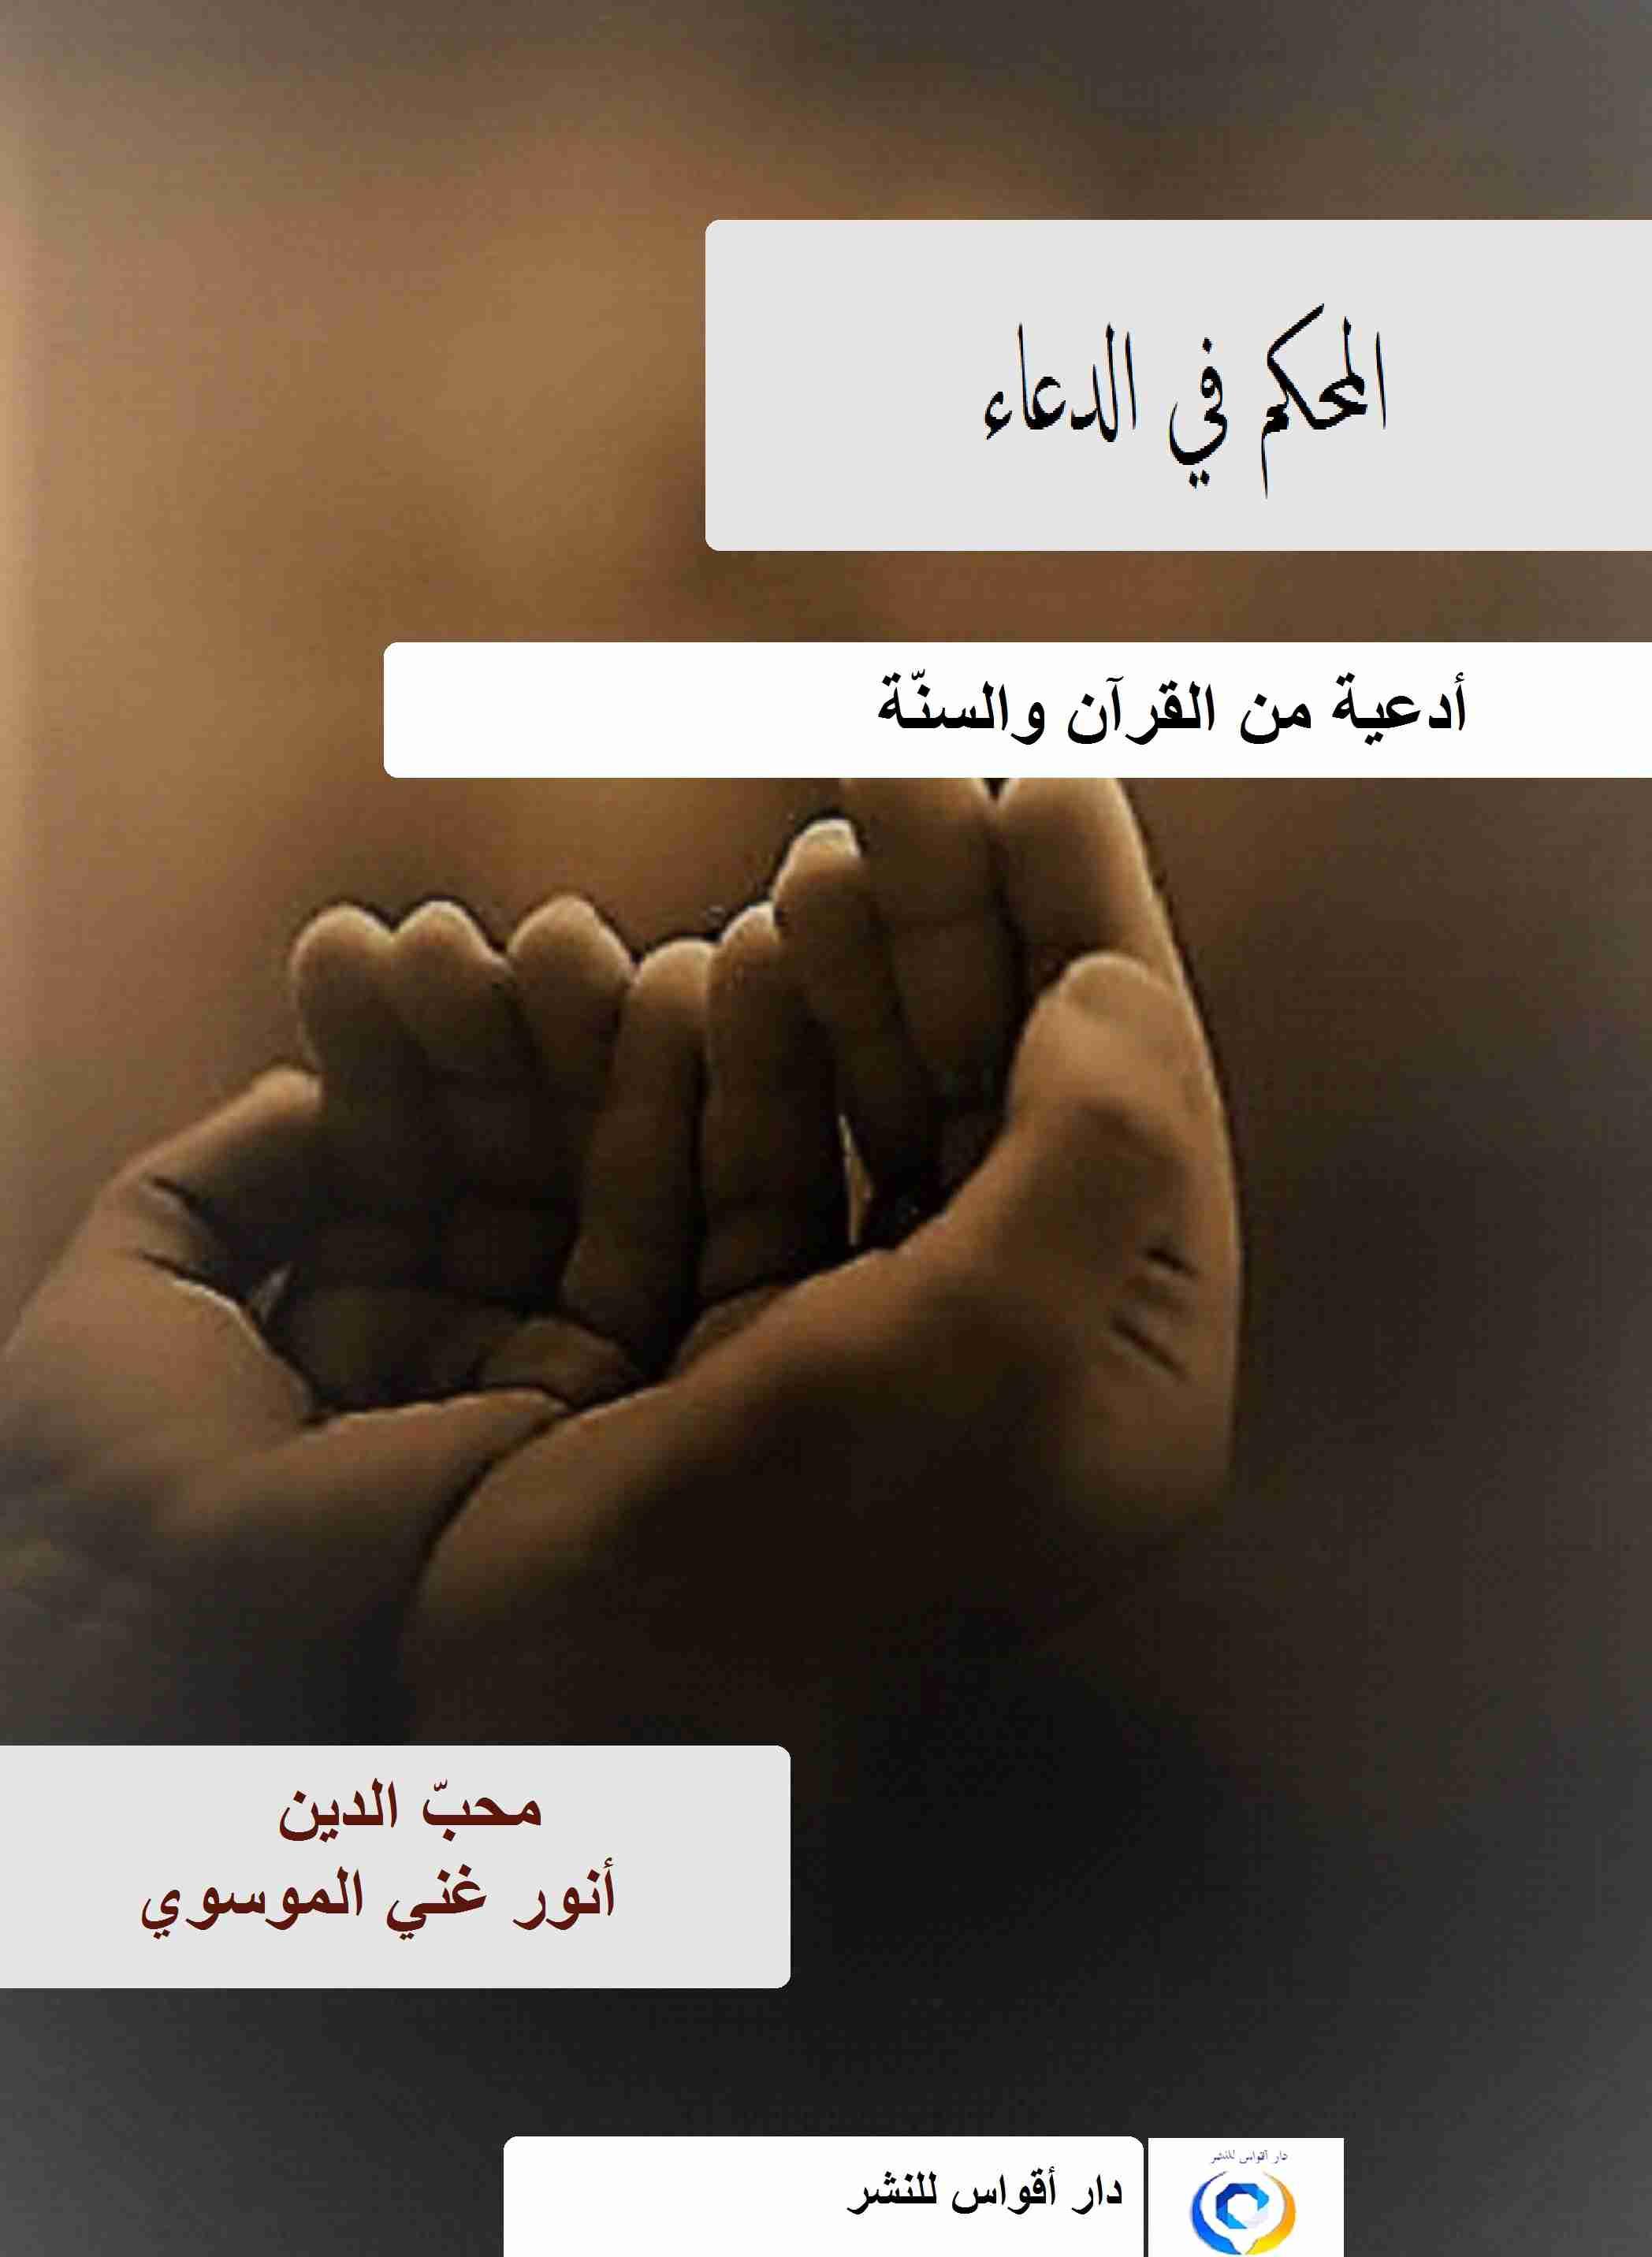 كتاب المحكم في الدعاء لـ عبد الحليم بن قـسمية